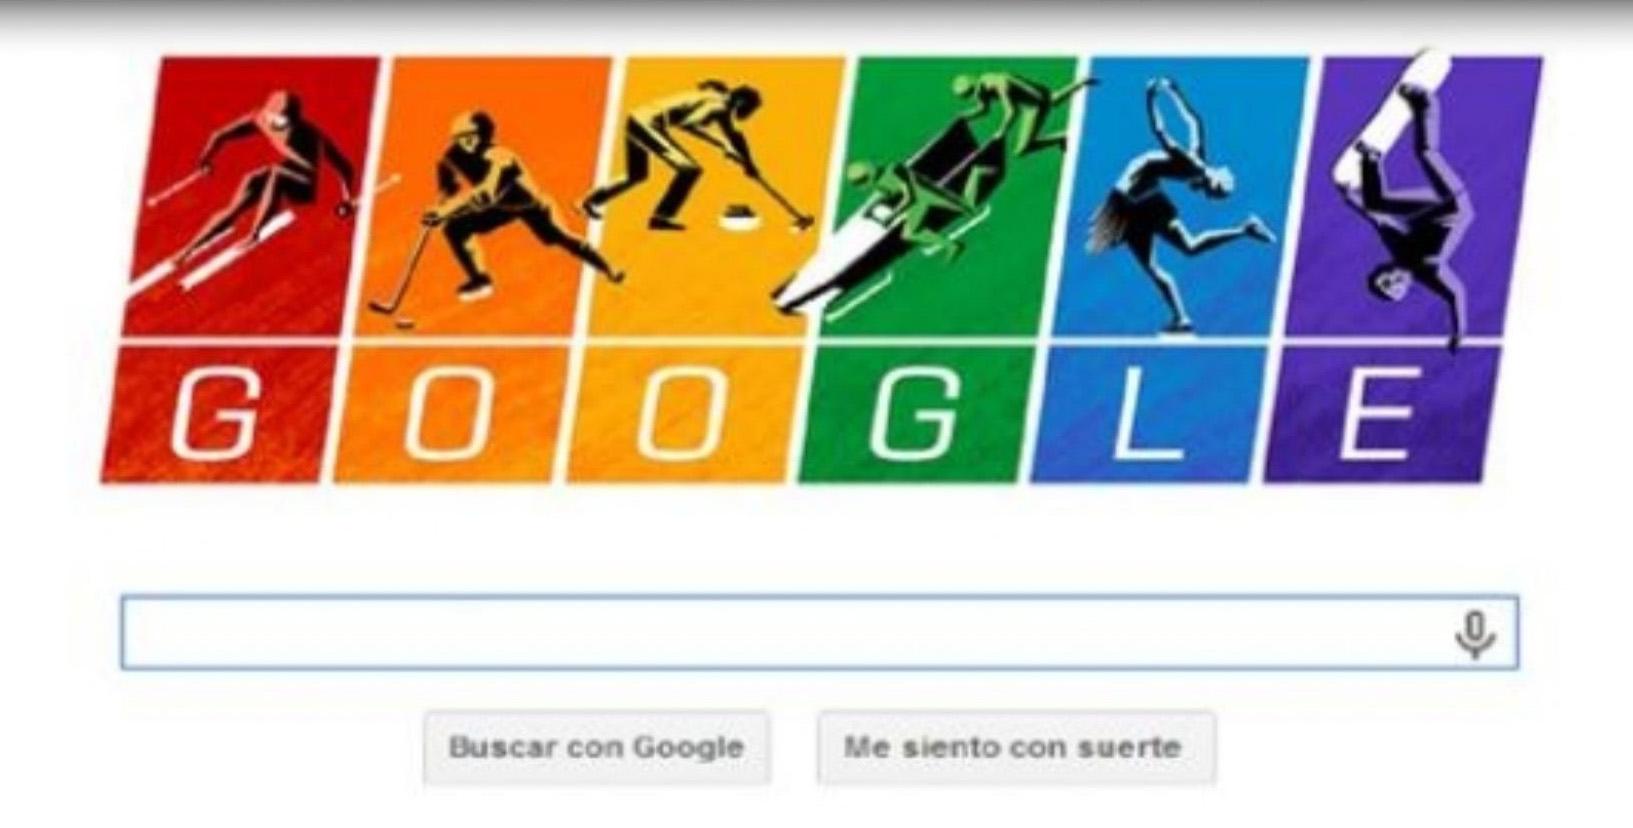 Google Doodle-Gay-Juegos Olimpicos de Sochi 2014-Popquerías